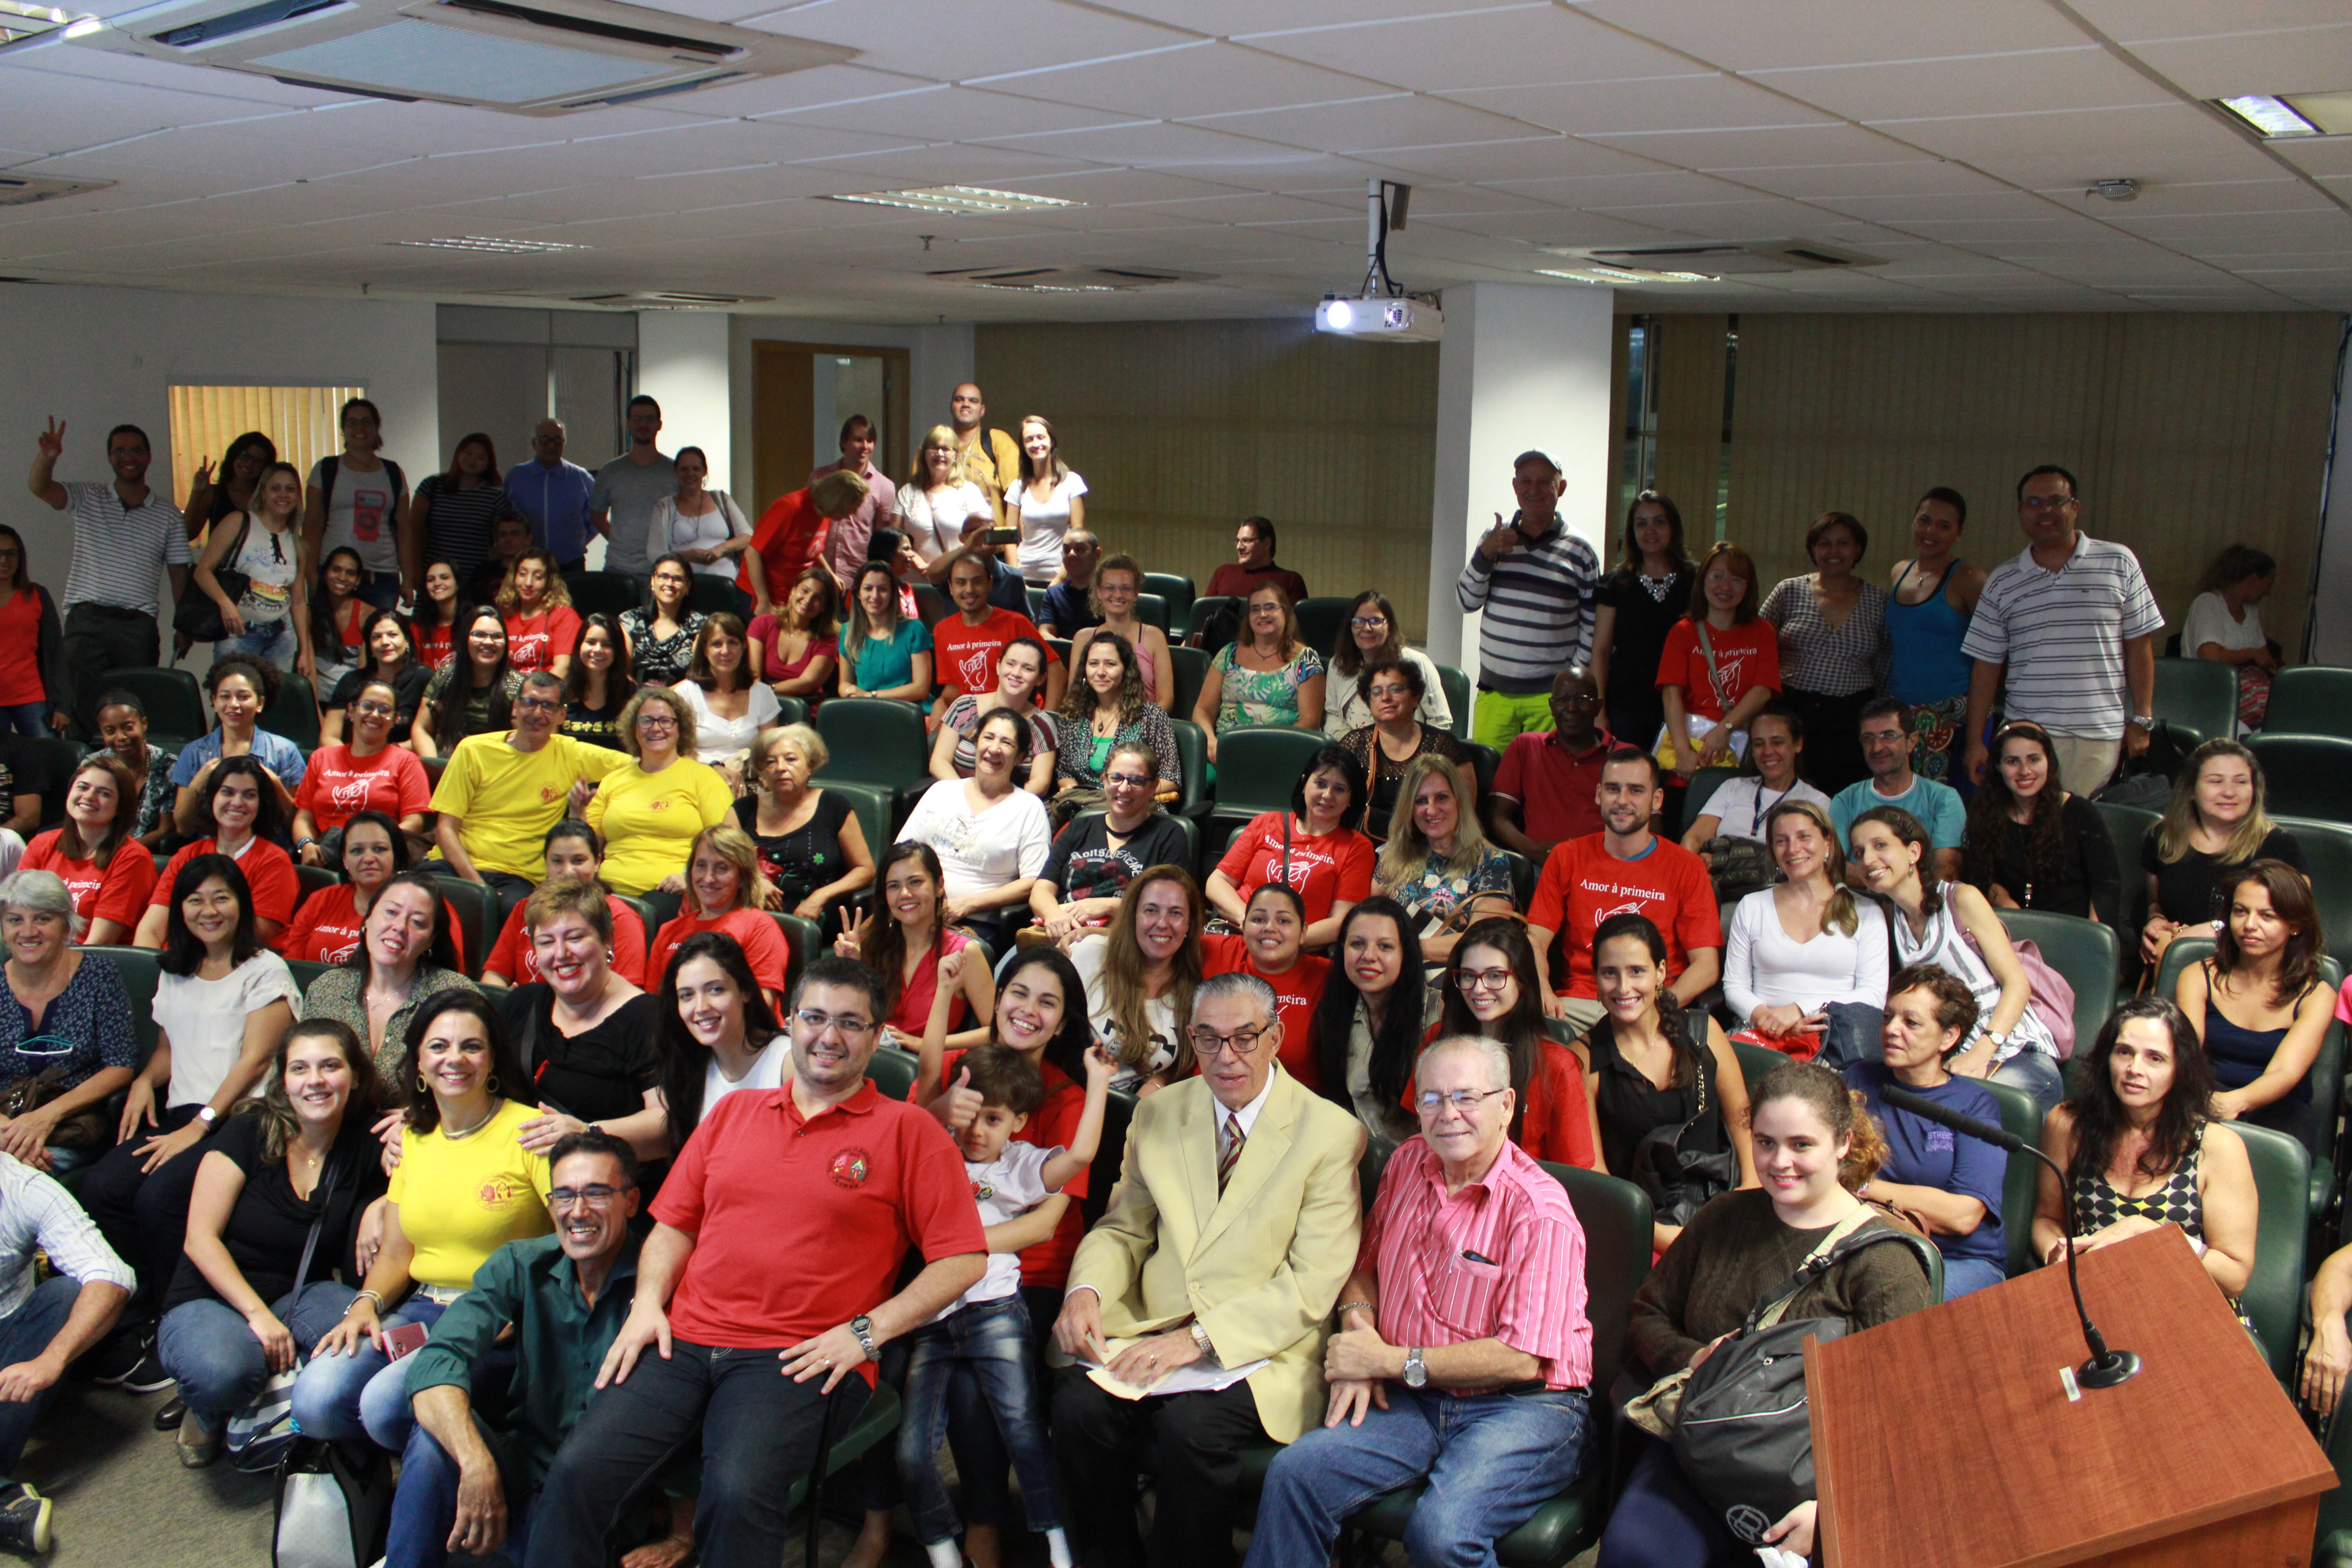 IMG_1005 Faculdade EBRAMEC é maioria na solenidade do Dia do Acupunturista